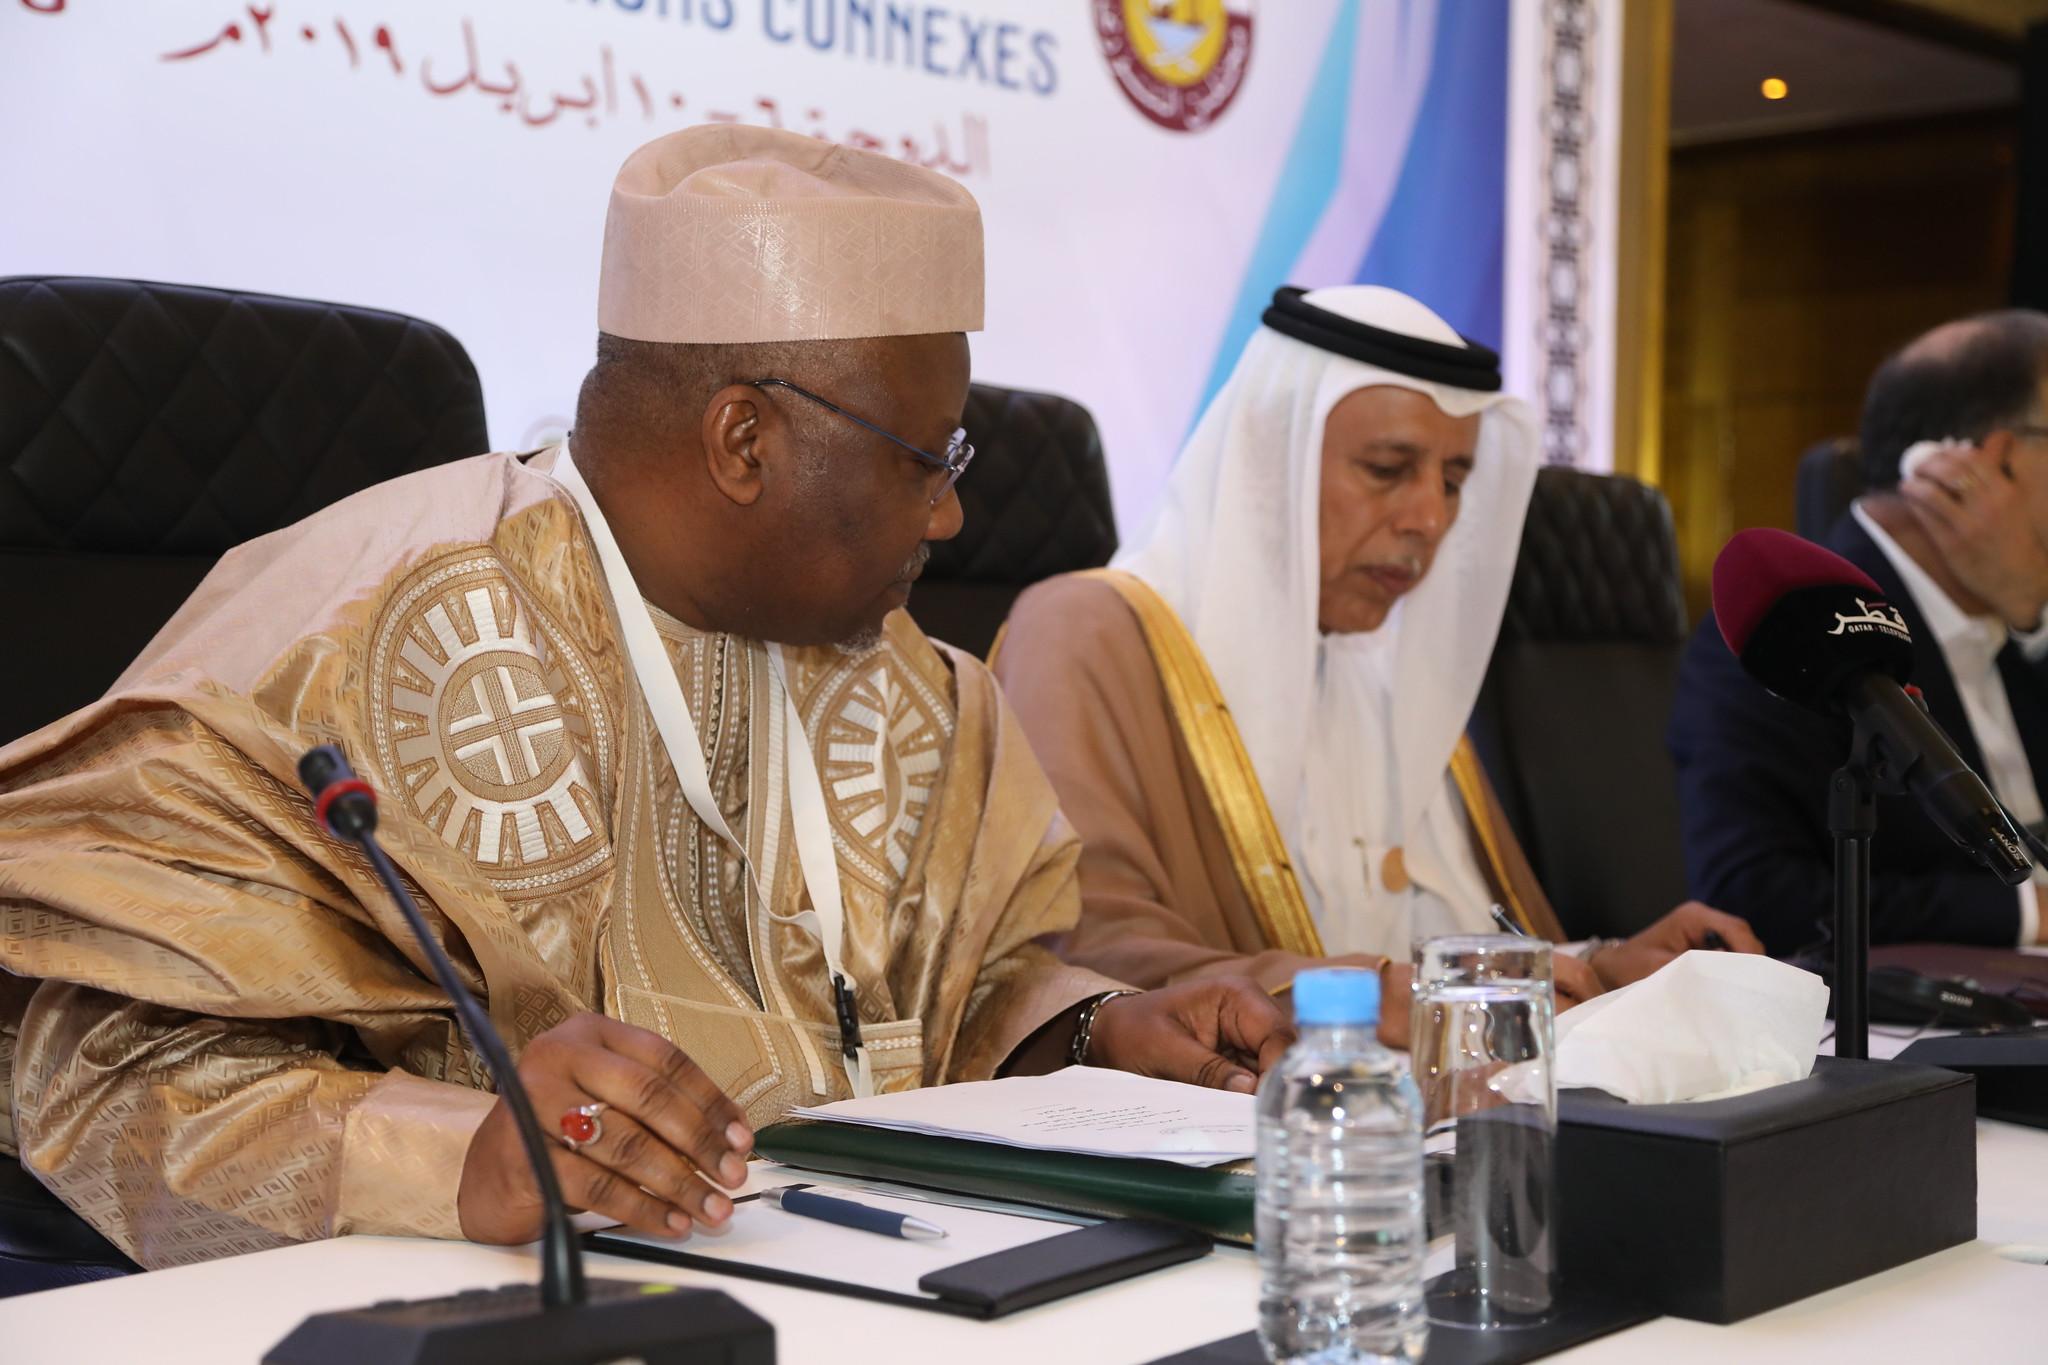 الاجتماع التشاوري لاتحاد مجالس الدول الأعضاء في منظمة التعاون الاسلامي